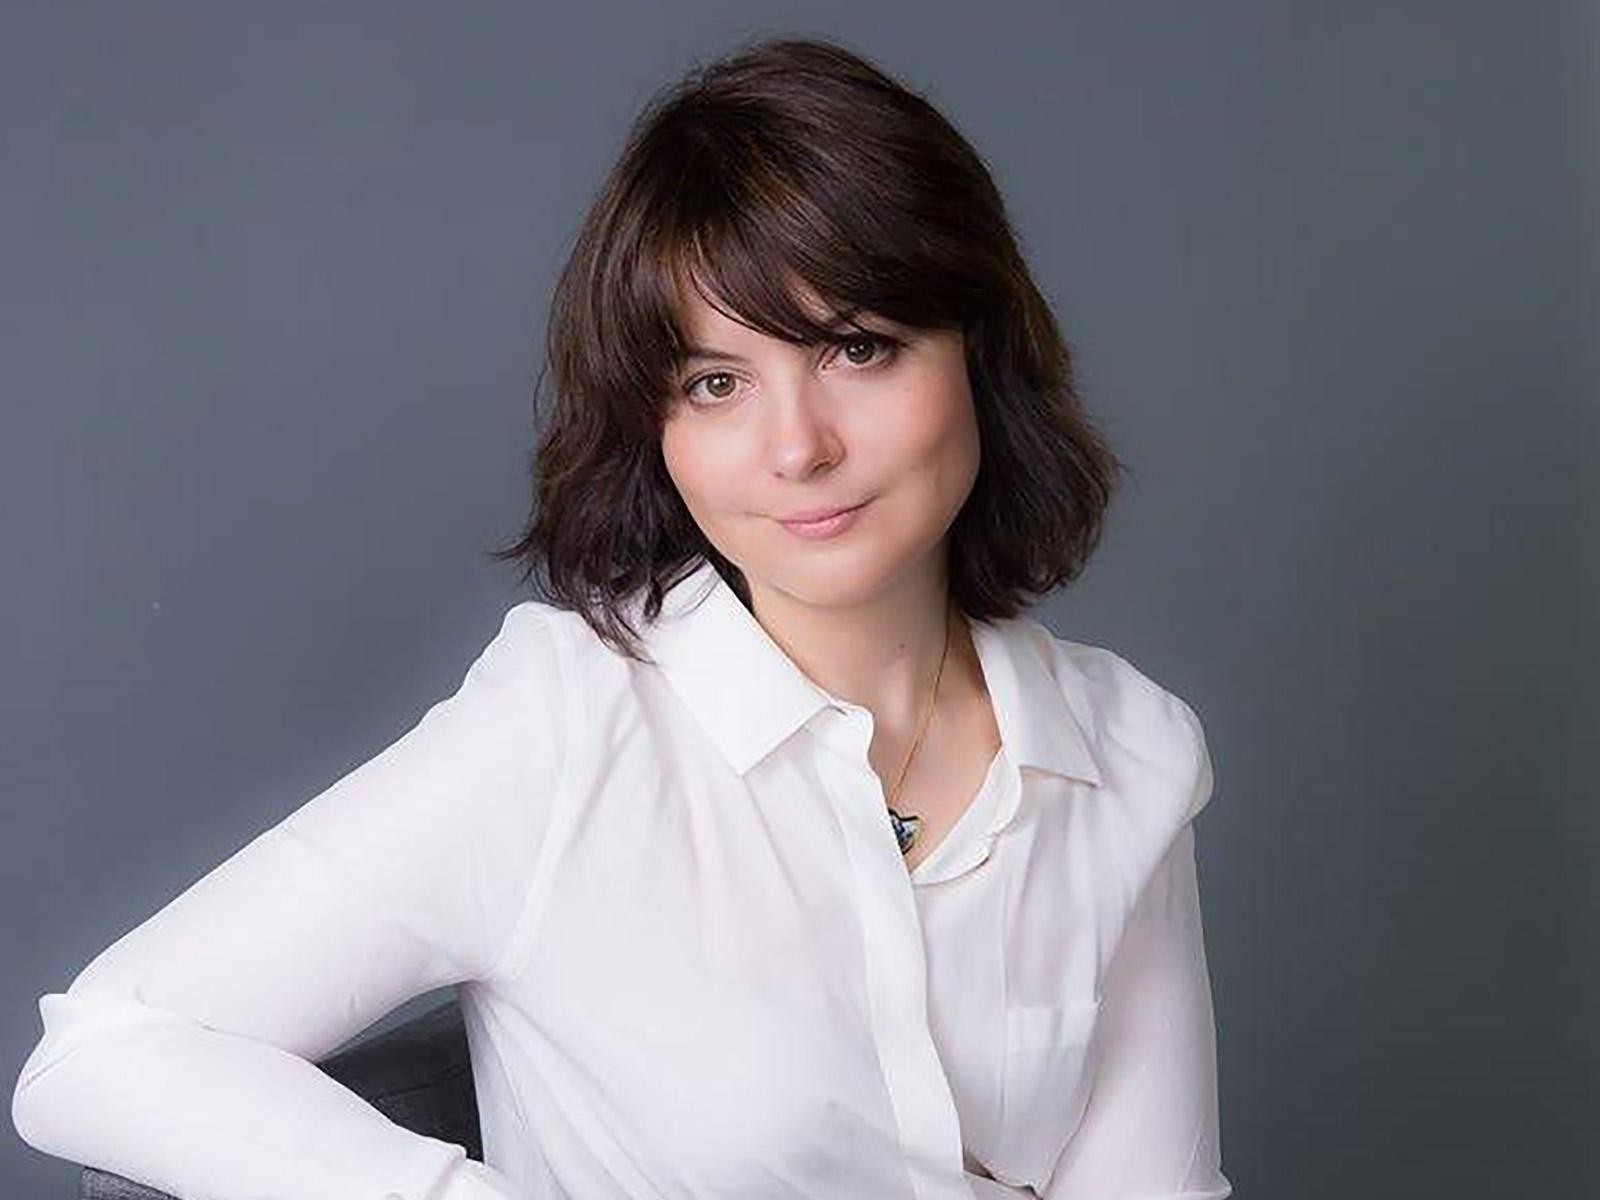 Елена Корнилова — основатель и генеральный директор агентства «АдверСтайл» с 2004 года